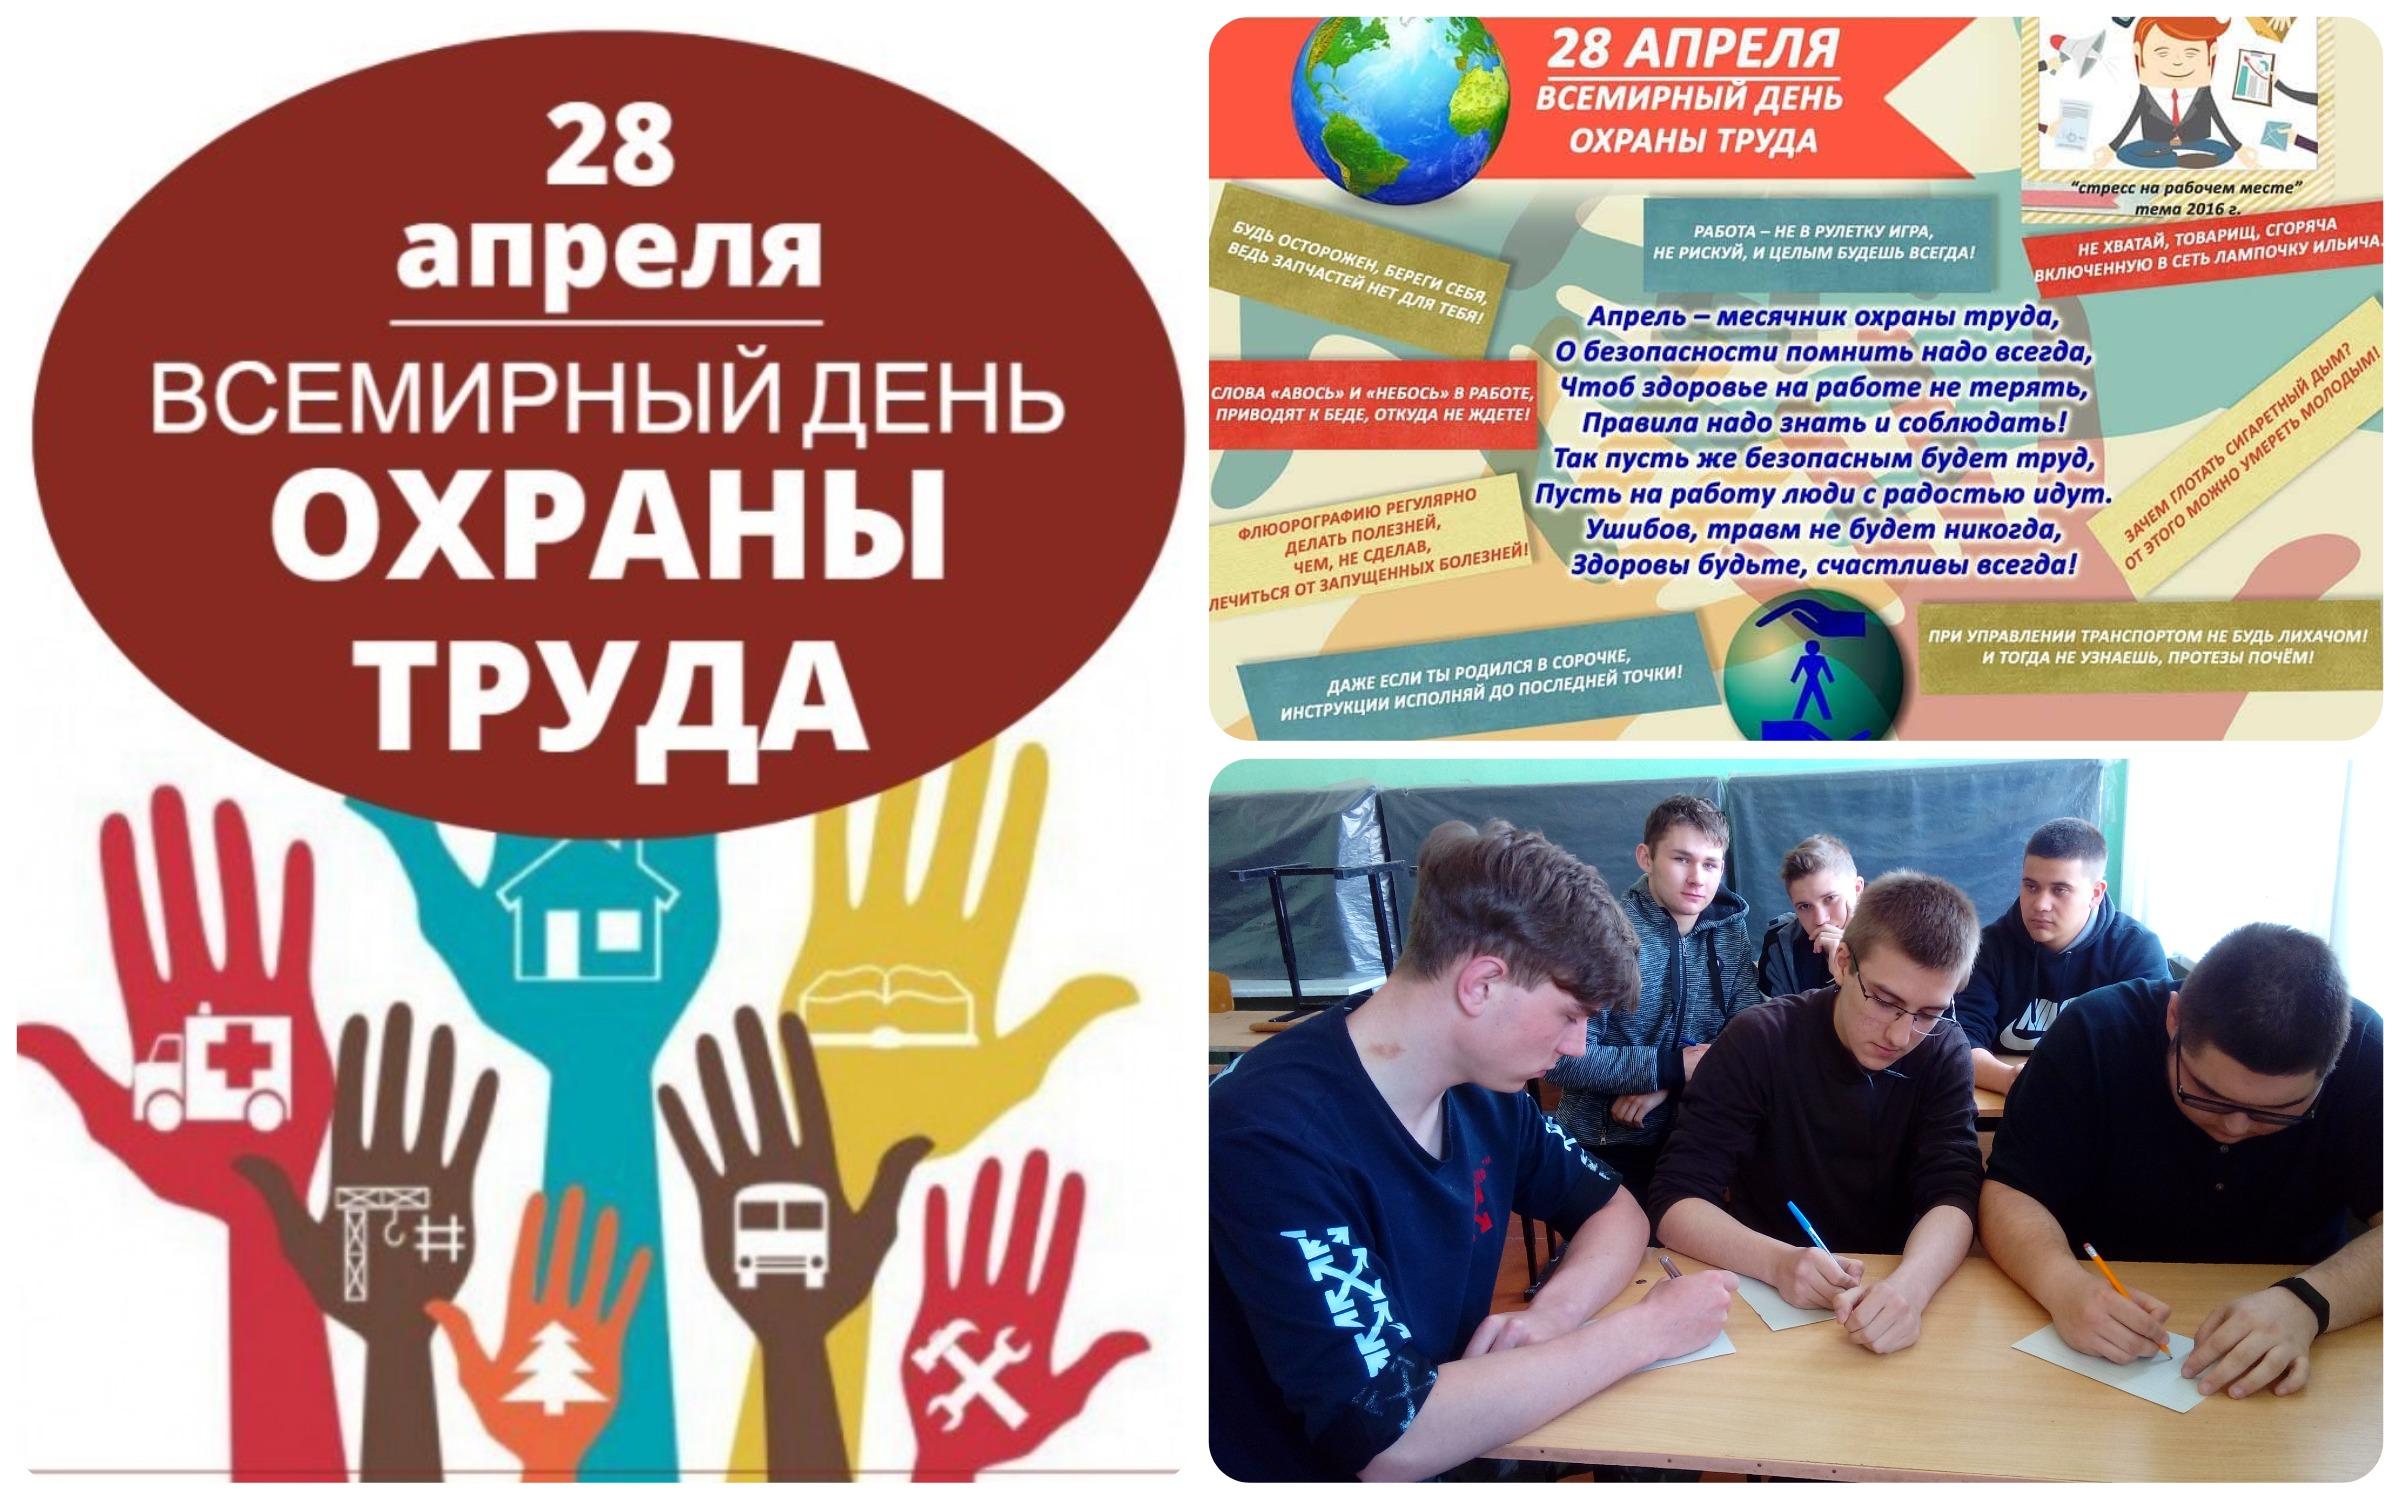 Международному Дню охраны труда посвящается